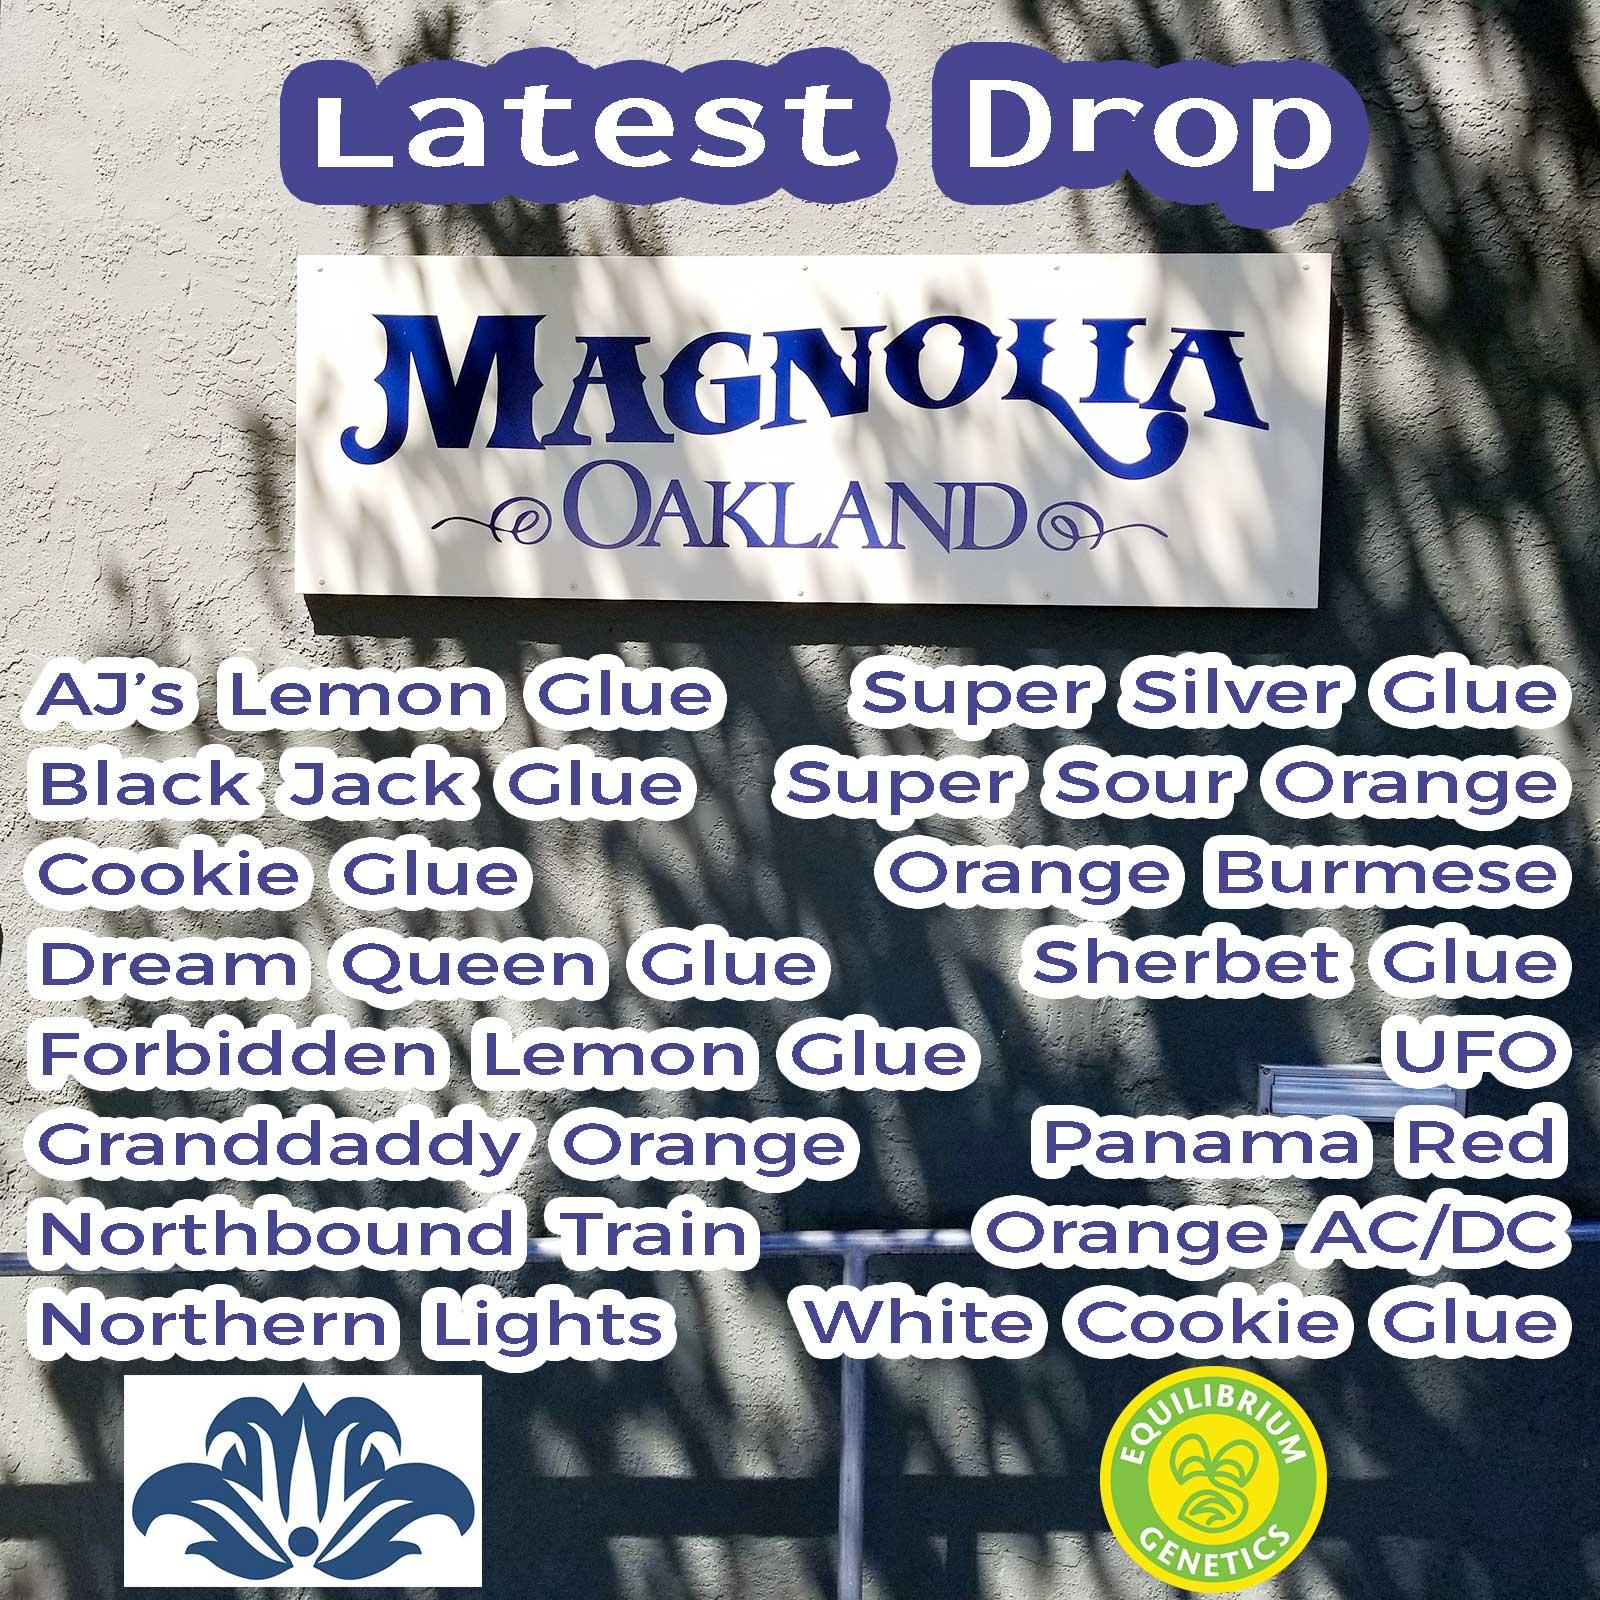 Latest Drop: Magnolia Oakland